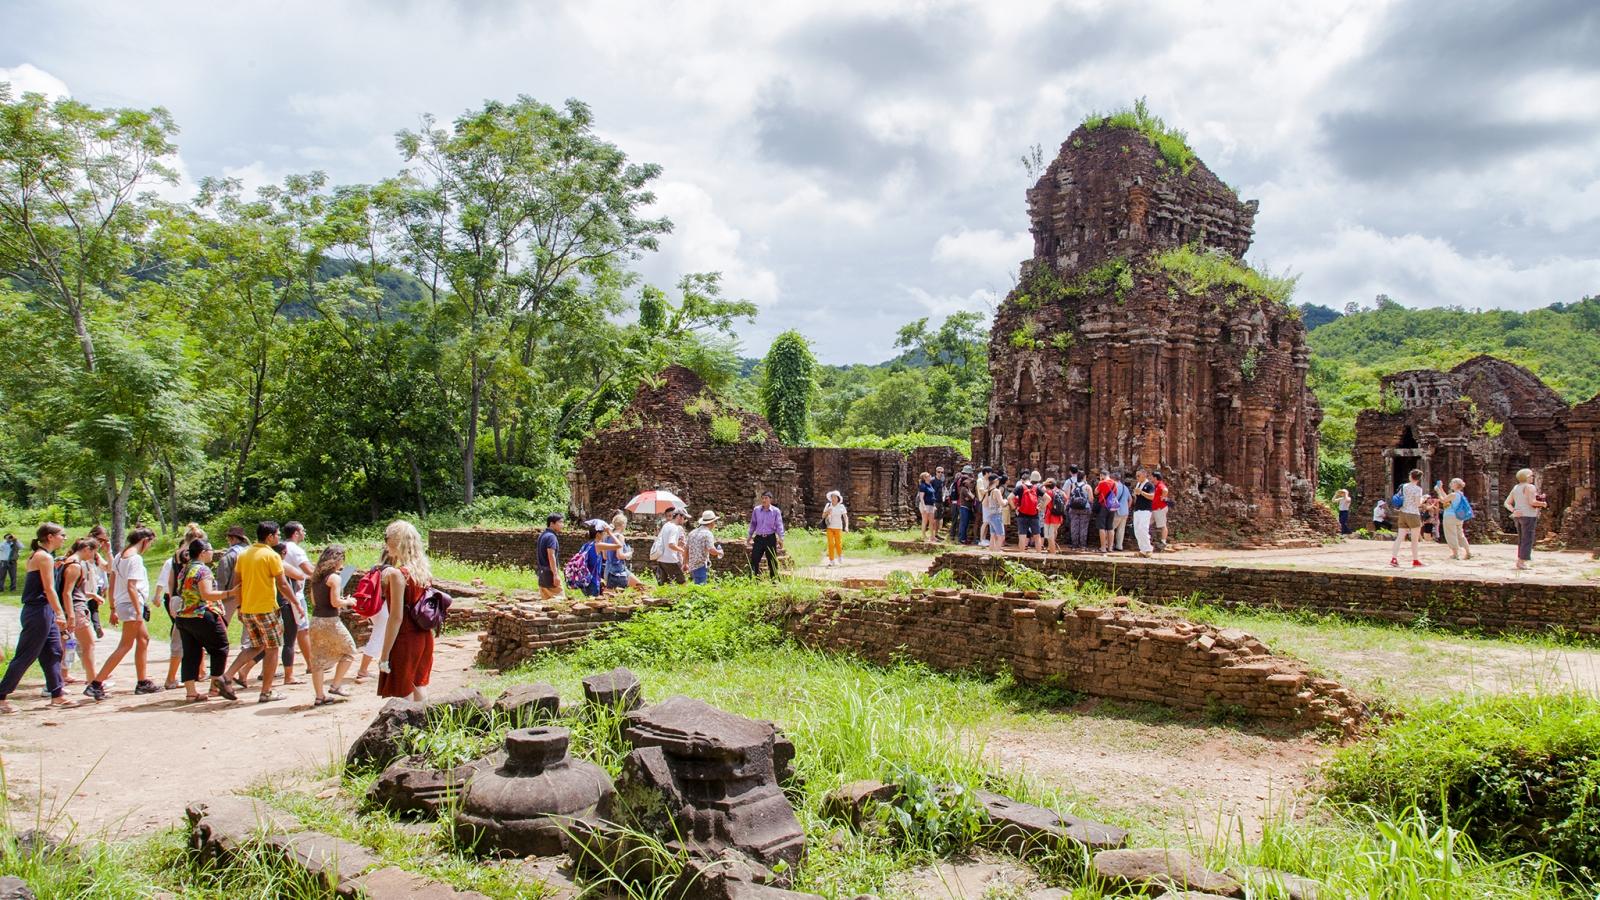 """Hiểu đúng về ghi danh di sản: UNESCO không """"ban phát"""" danh hiệu"""